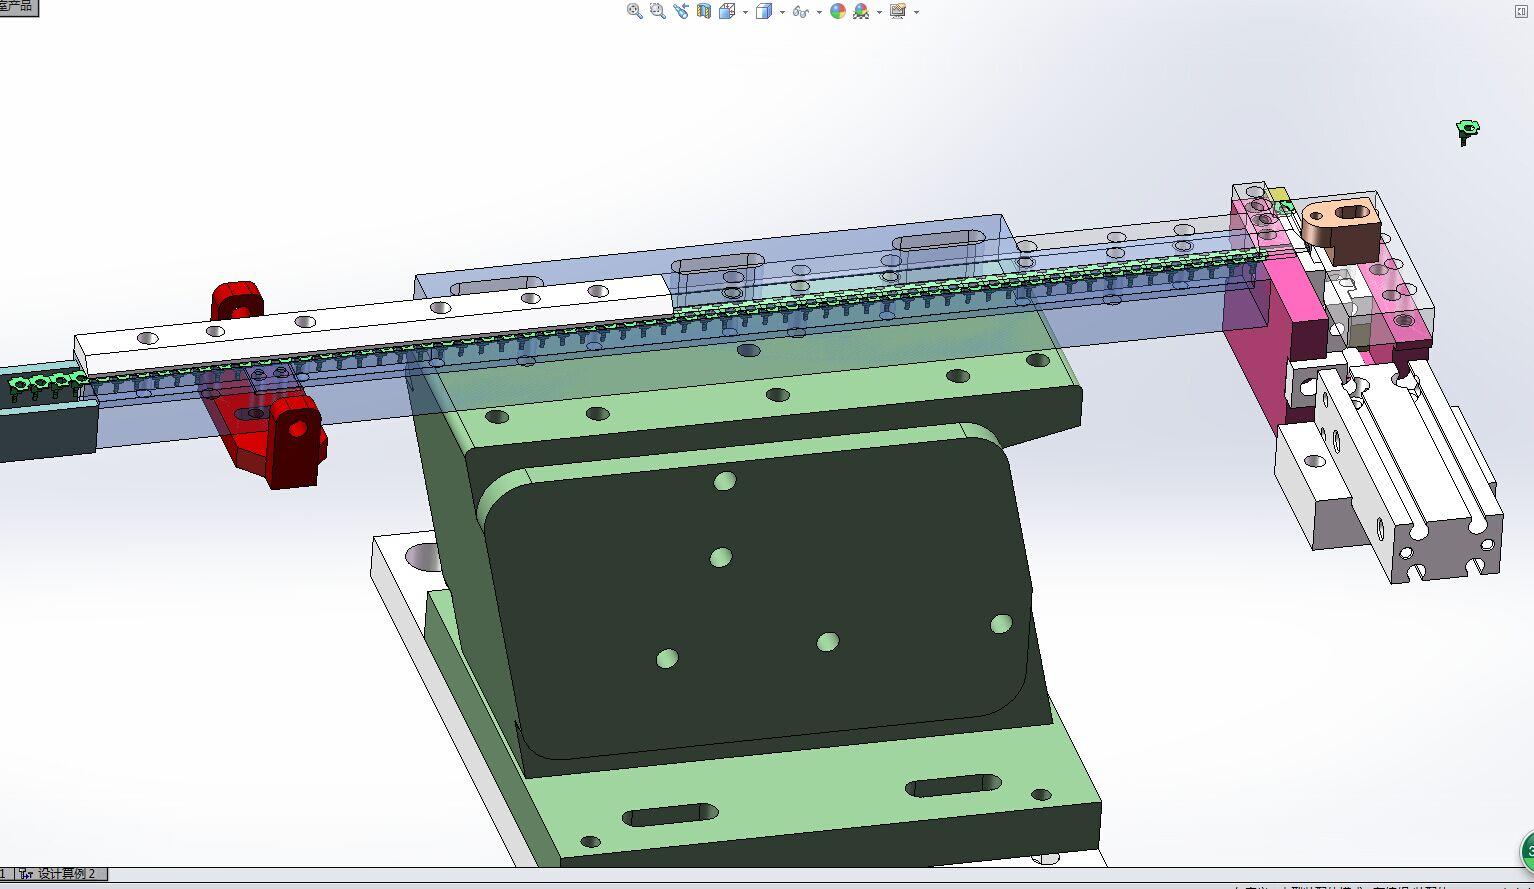 L型铁片振动盘拱料分料机构3D模型图纸 Solidworks设计